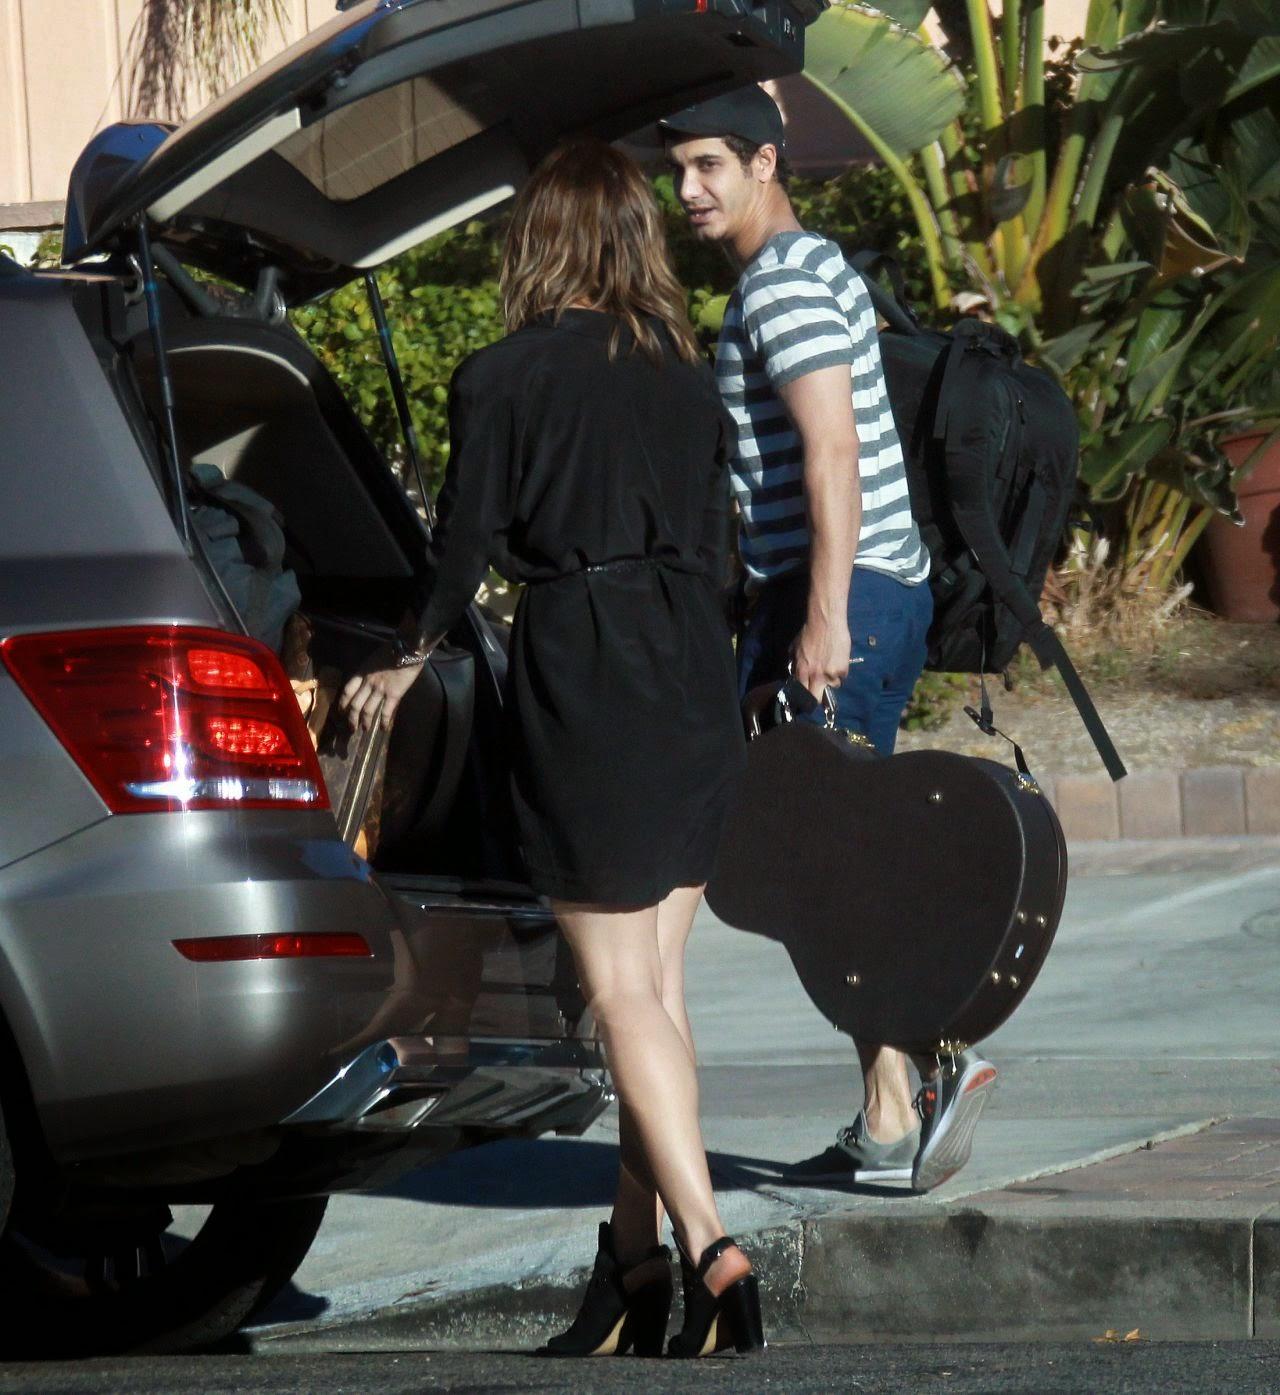 كاثرين ماكفي تبدو متأنقة خلال خروجها للتنزه في لوس انجلوس